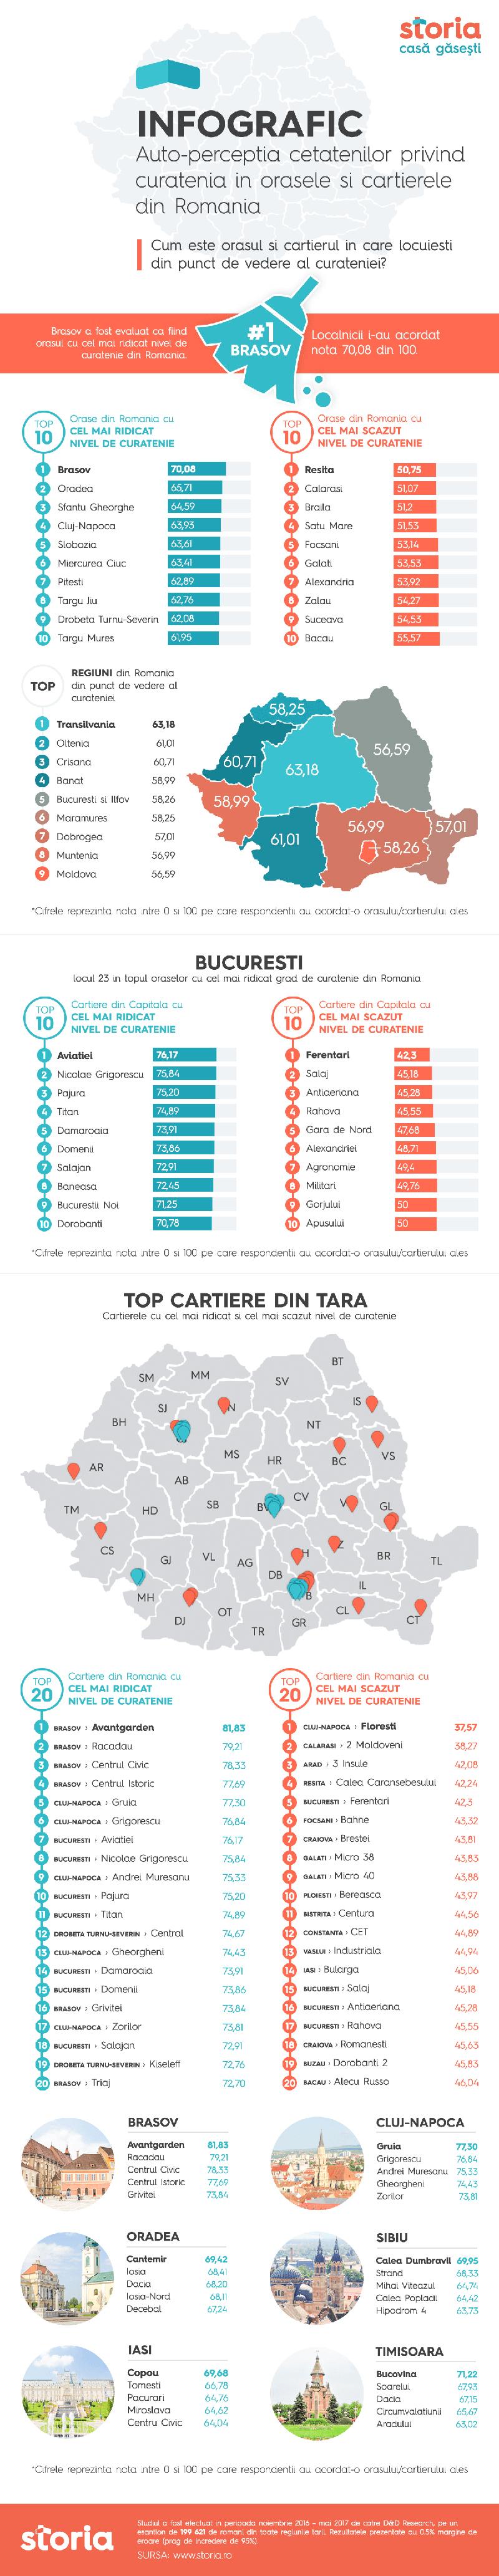 Brașov, Oradea și Sfântu Gheorghe sunt considerate cele mai curate orașe din România